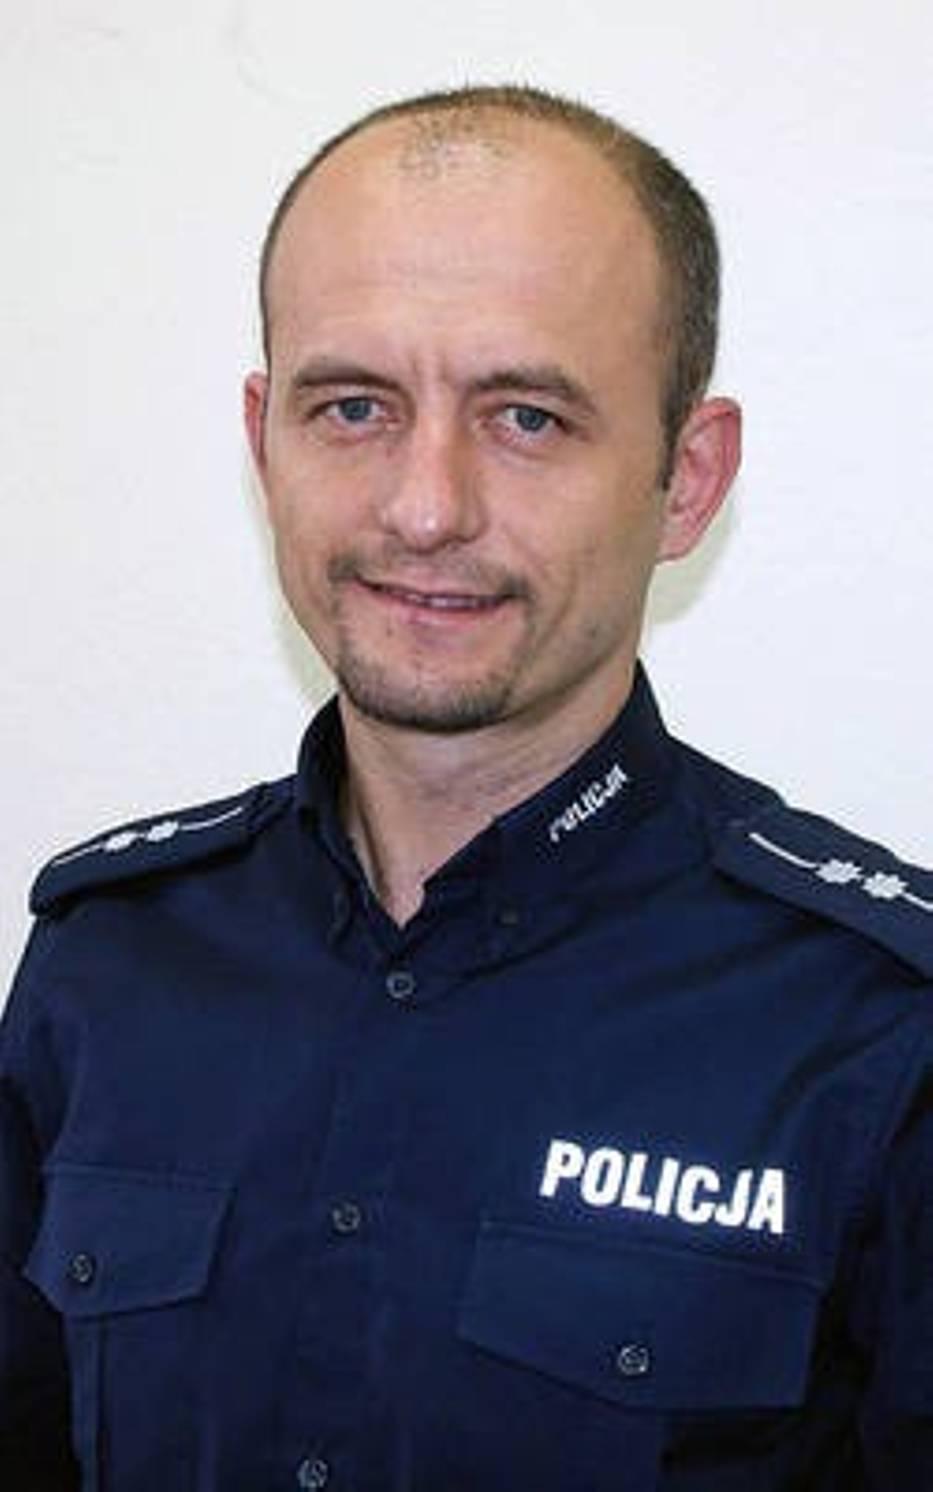 Policjant Roku 2013: Mariusz Świerczyński